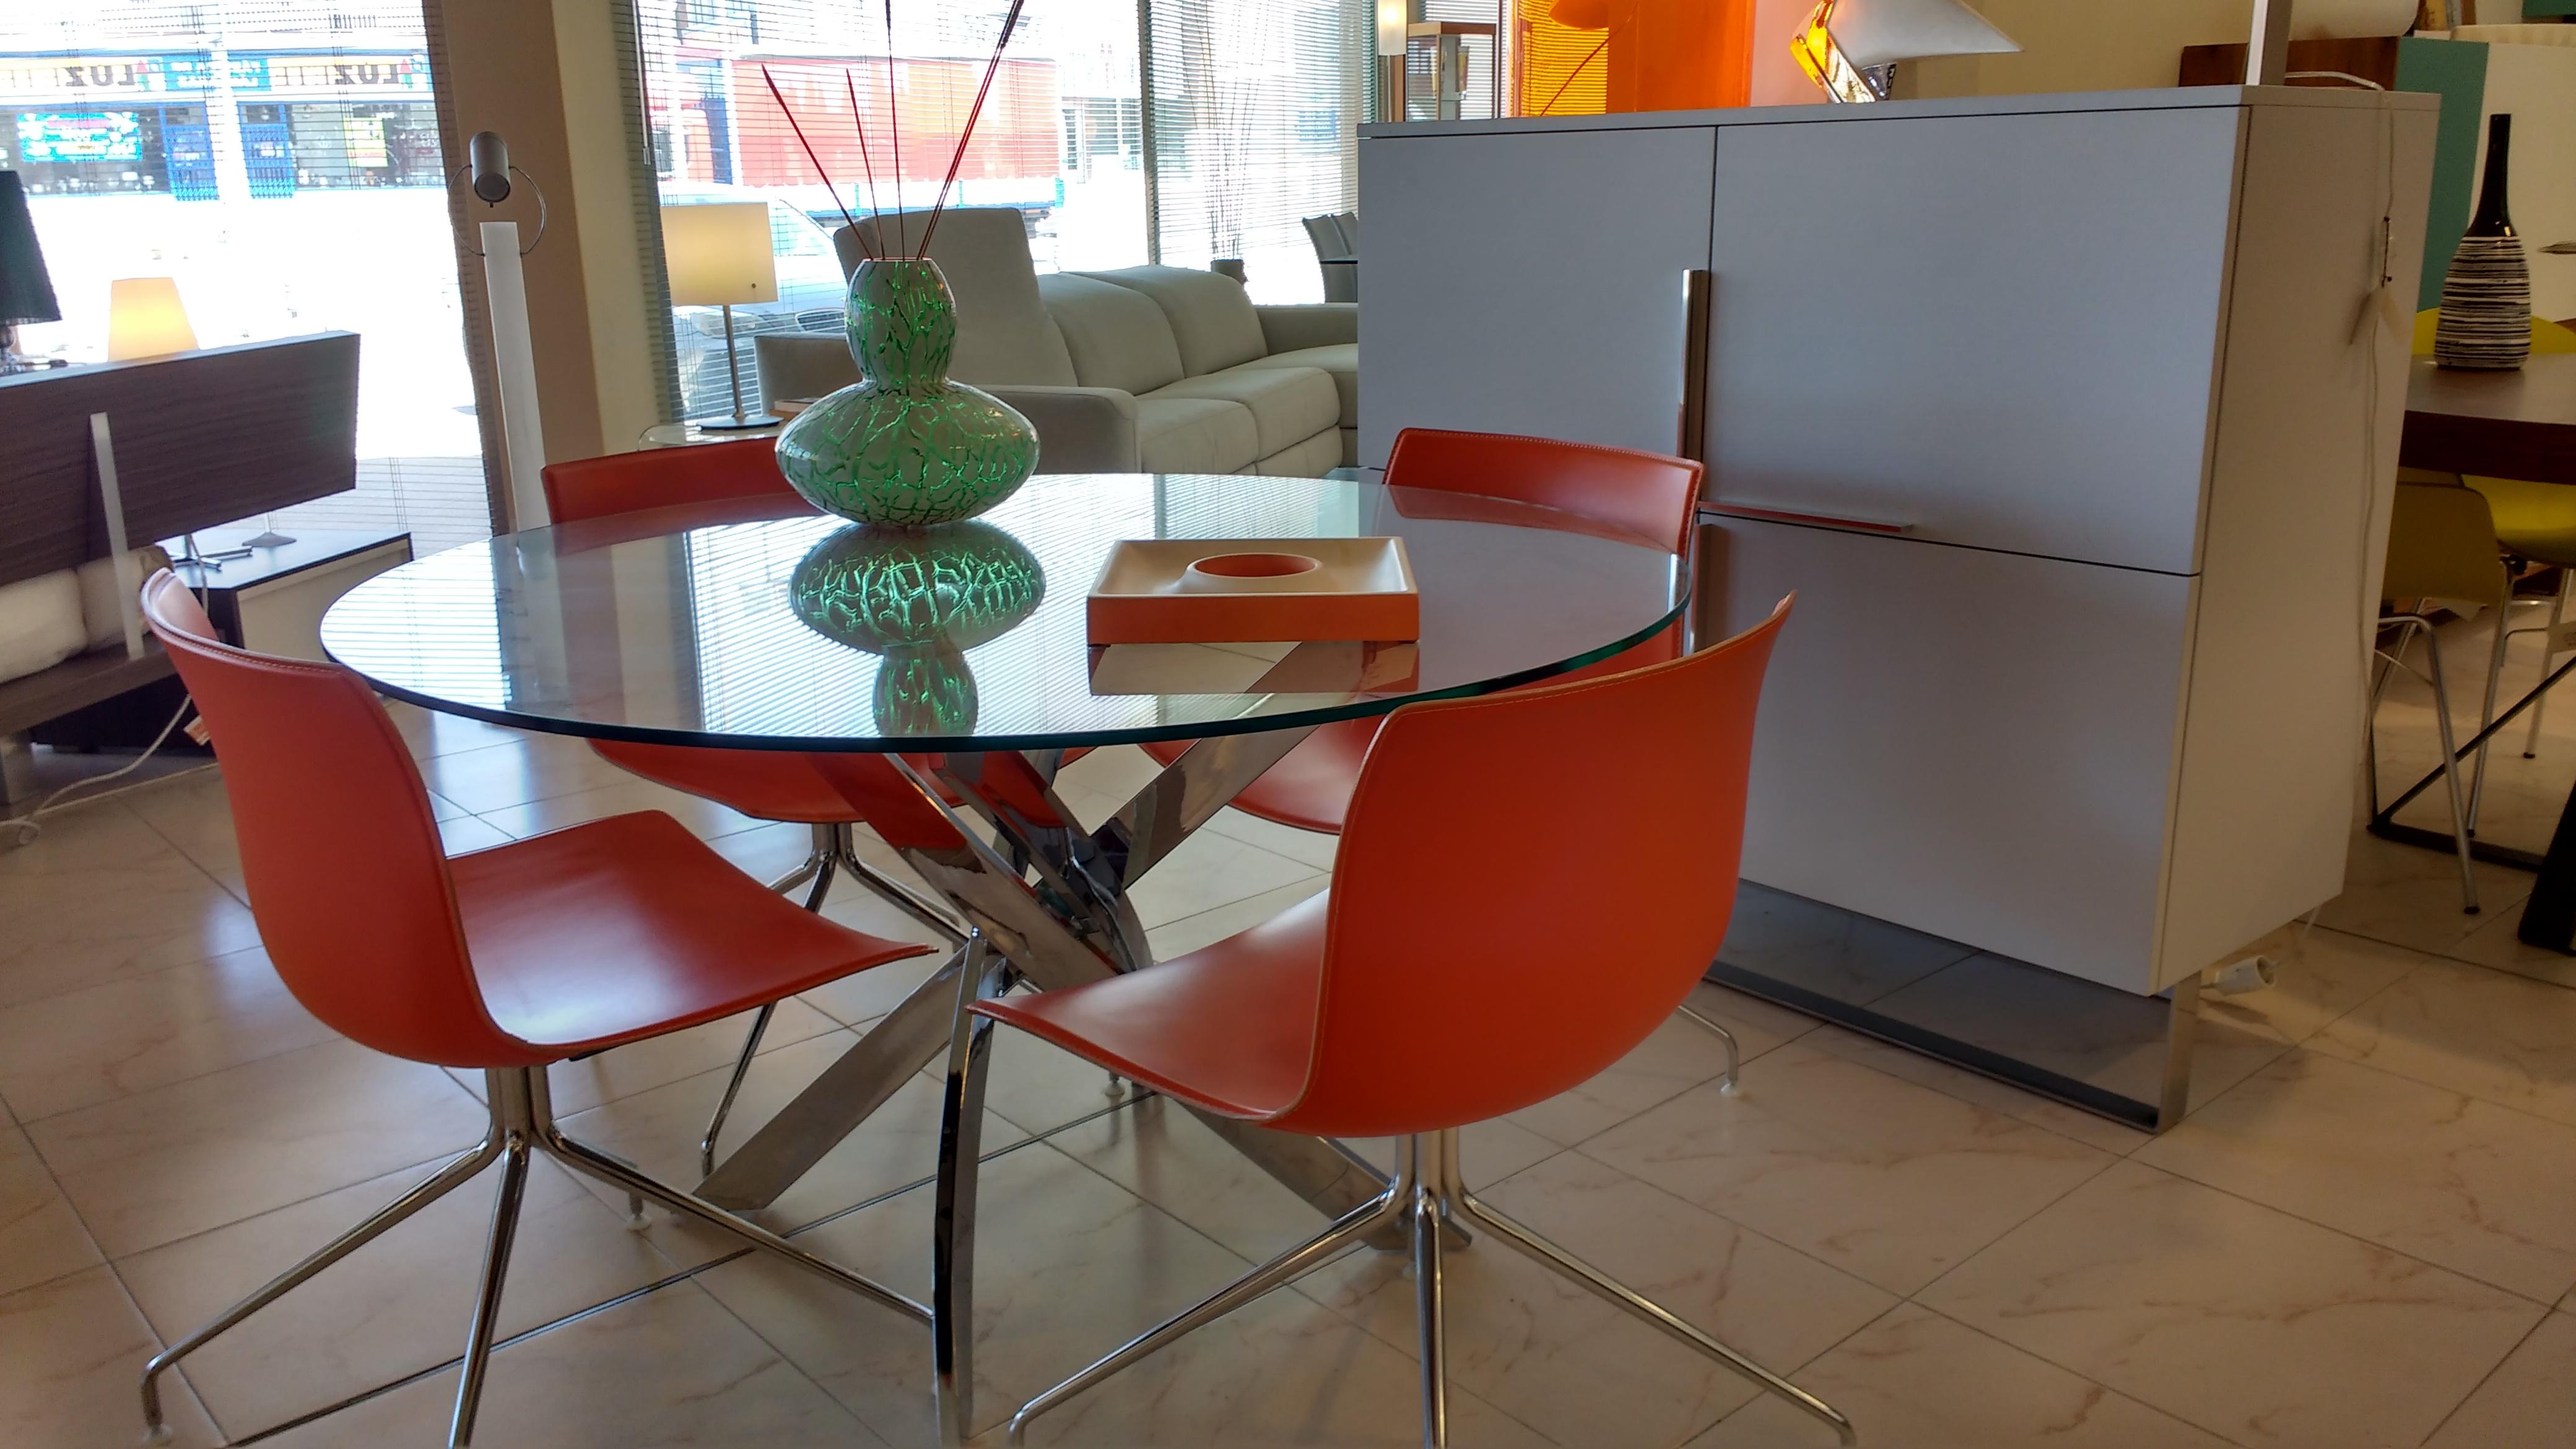 Tiendas Muebles Murcia 8ydm Tu Tienda De Muebles Y sofas Modernos En Murciamos Decoradores